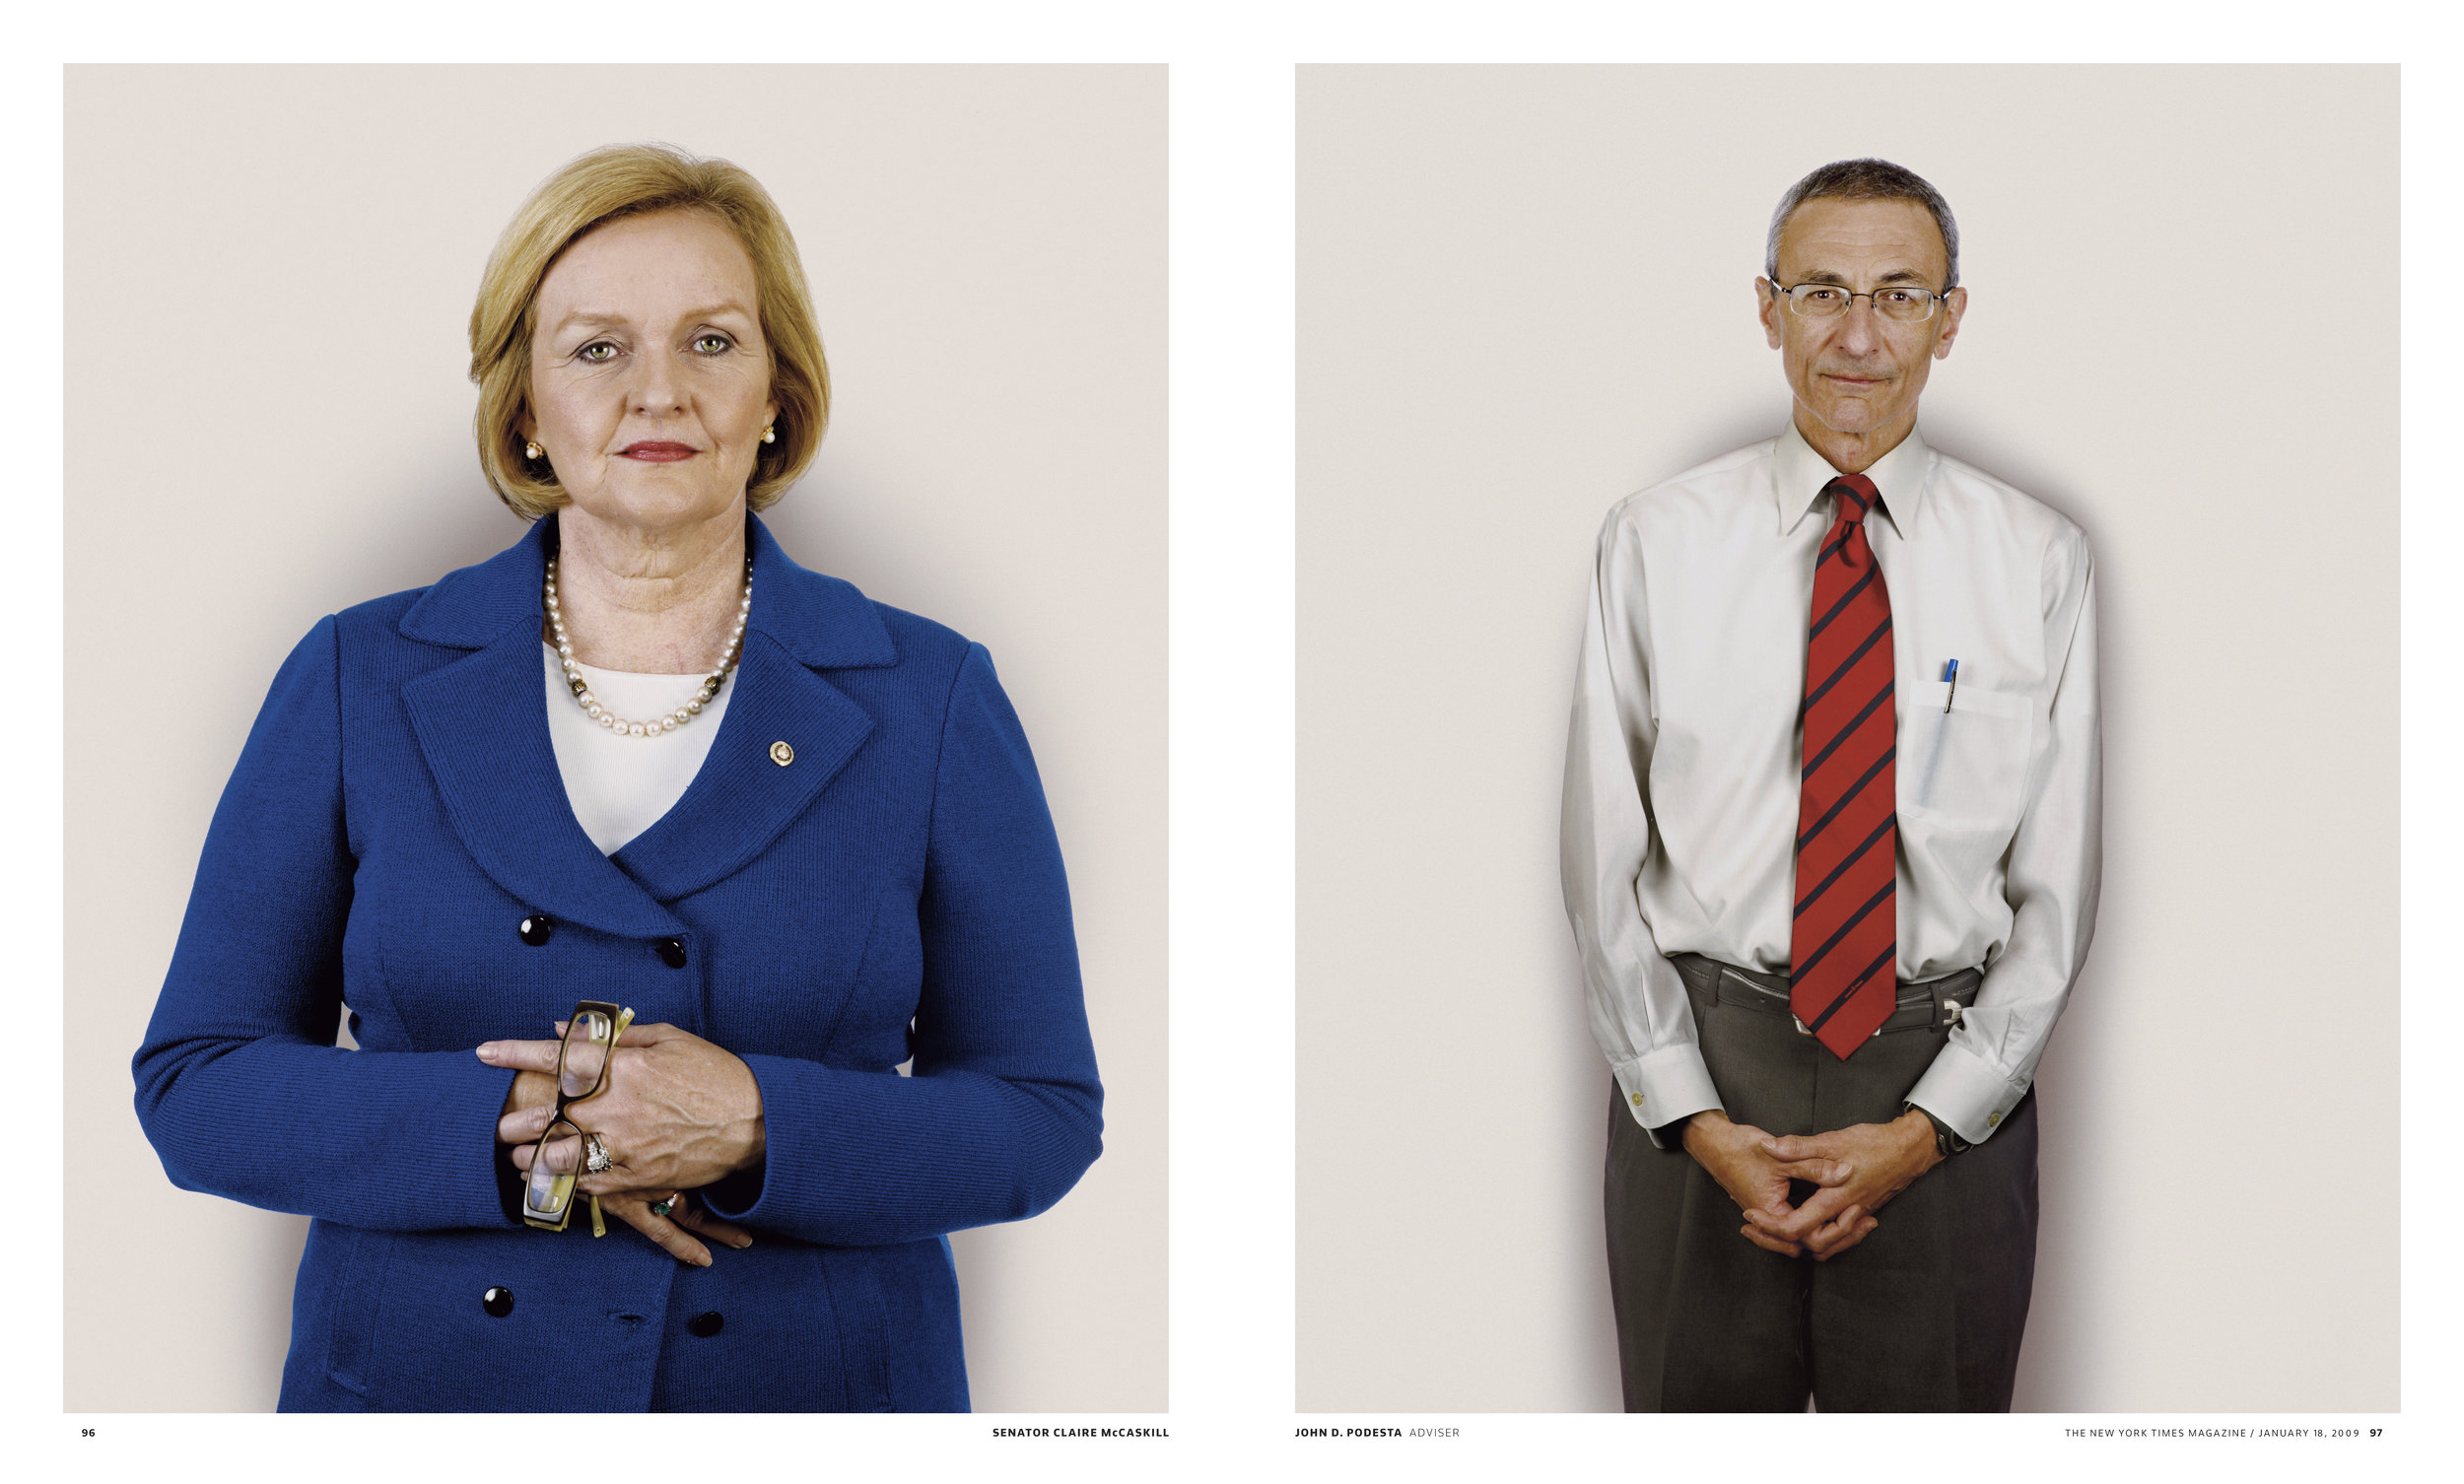 01.18.2009_Obama29.jpg